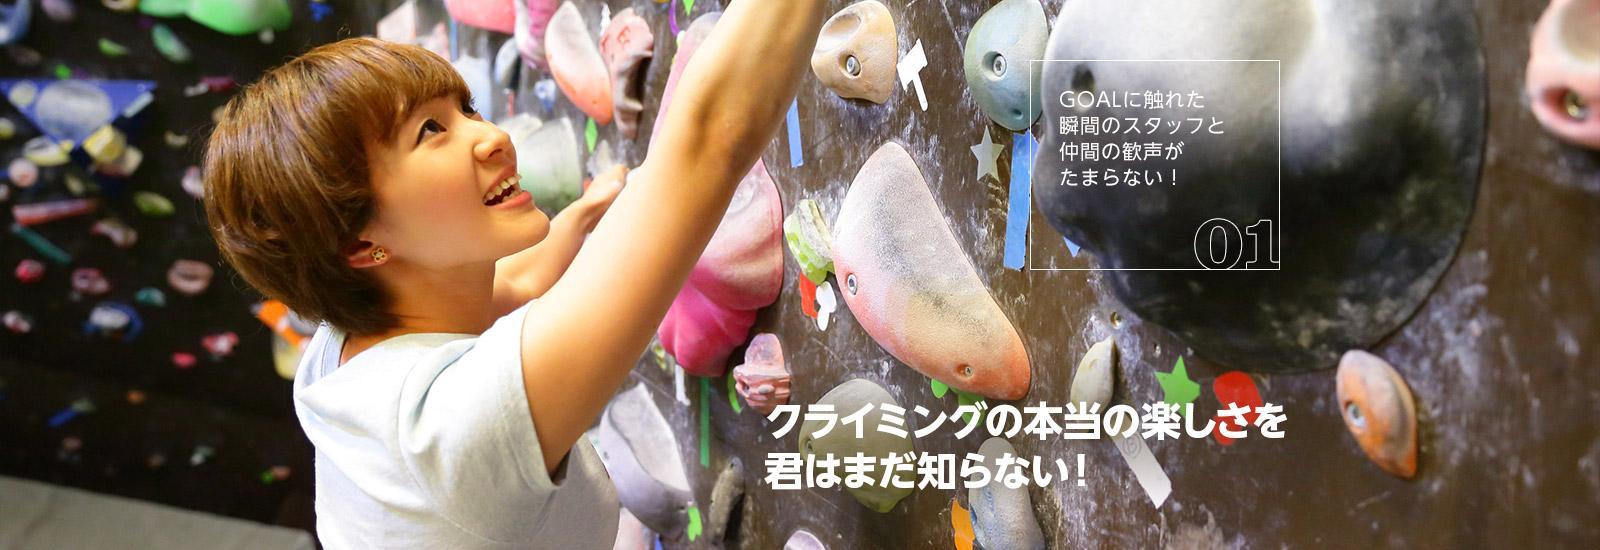 エバーフリークライミングジム 東中野店の画像